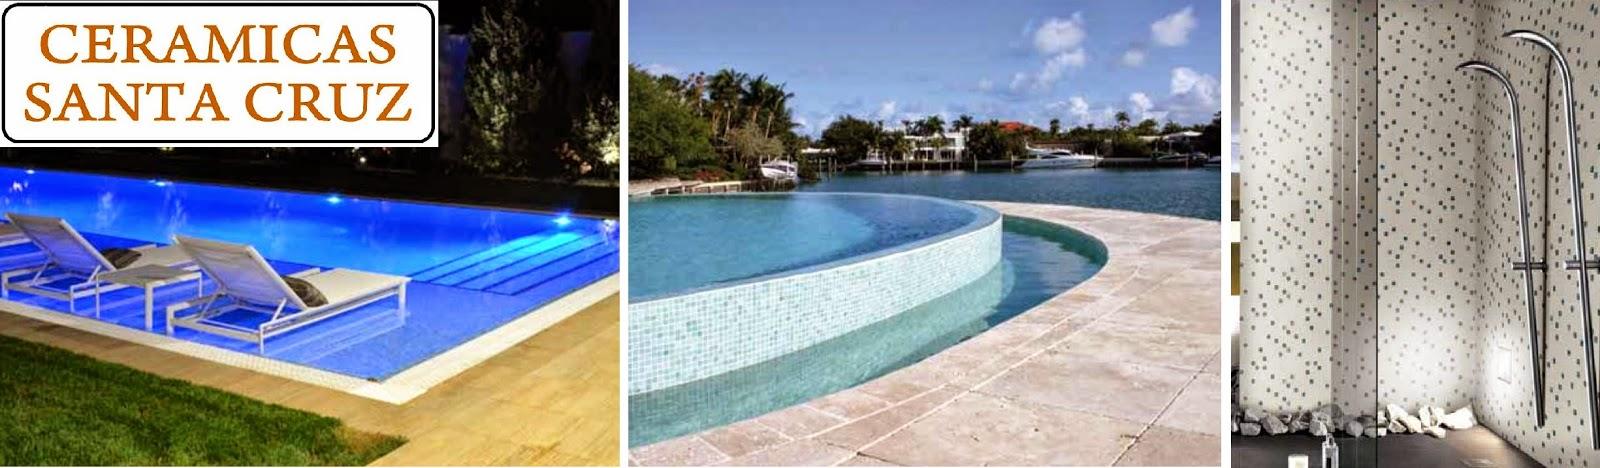 Ceramicas santa cruz gresite baldosas y azulejos para for Gresite para piscinas